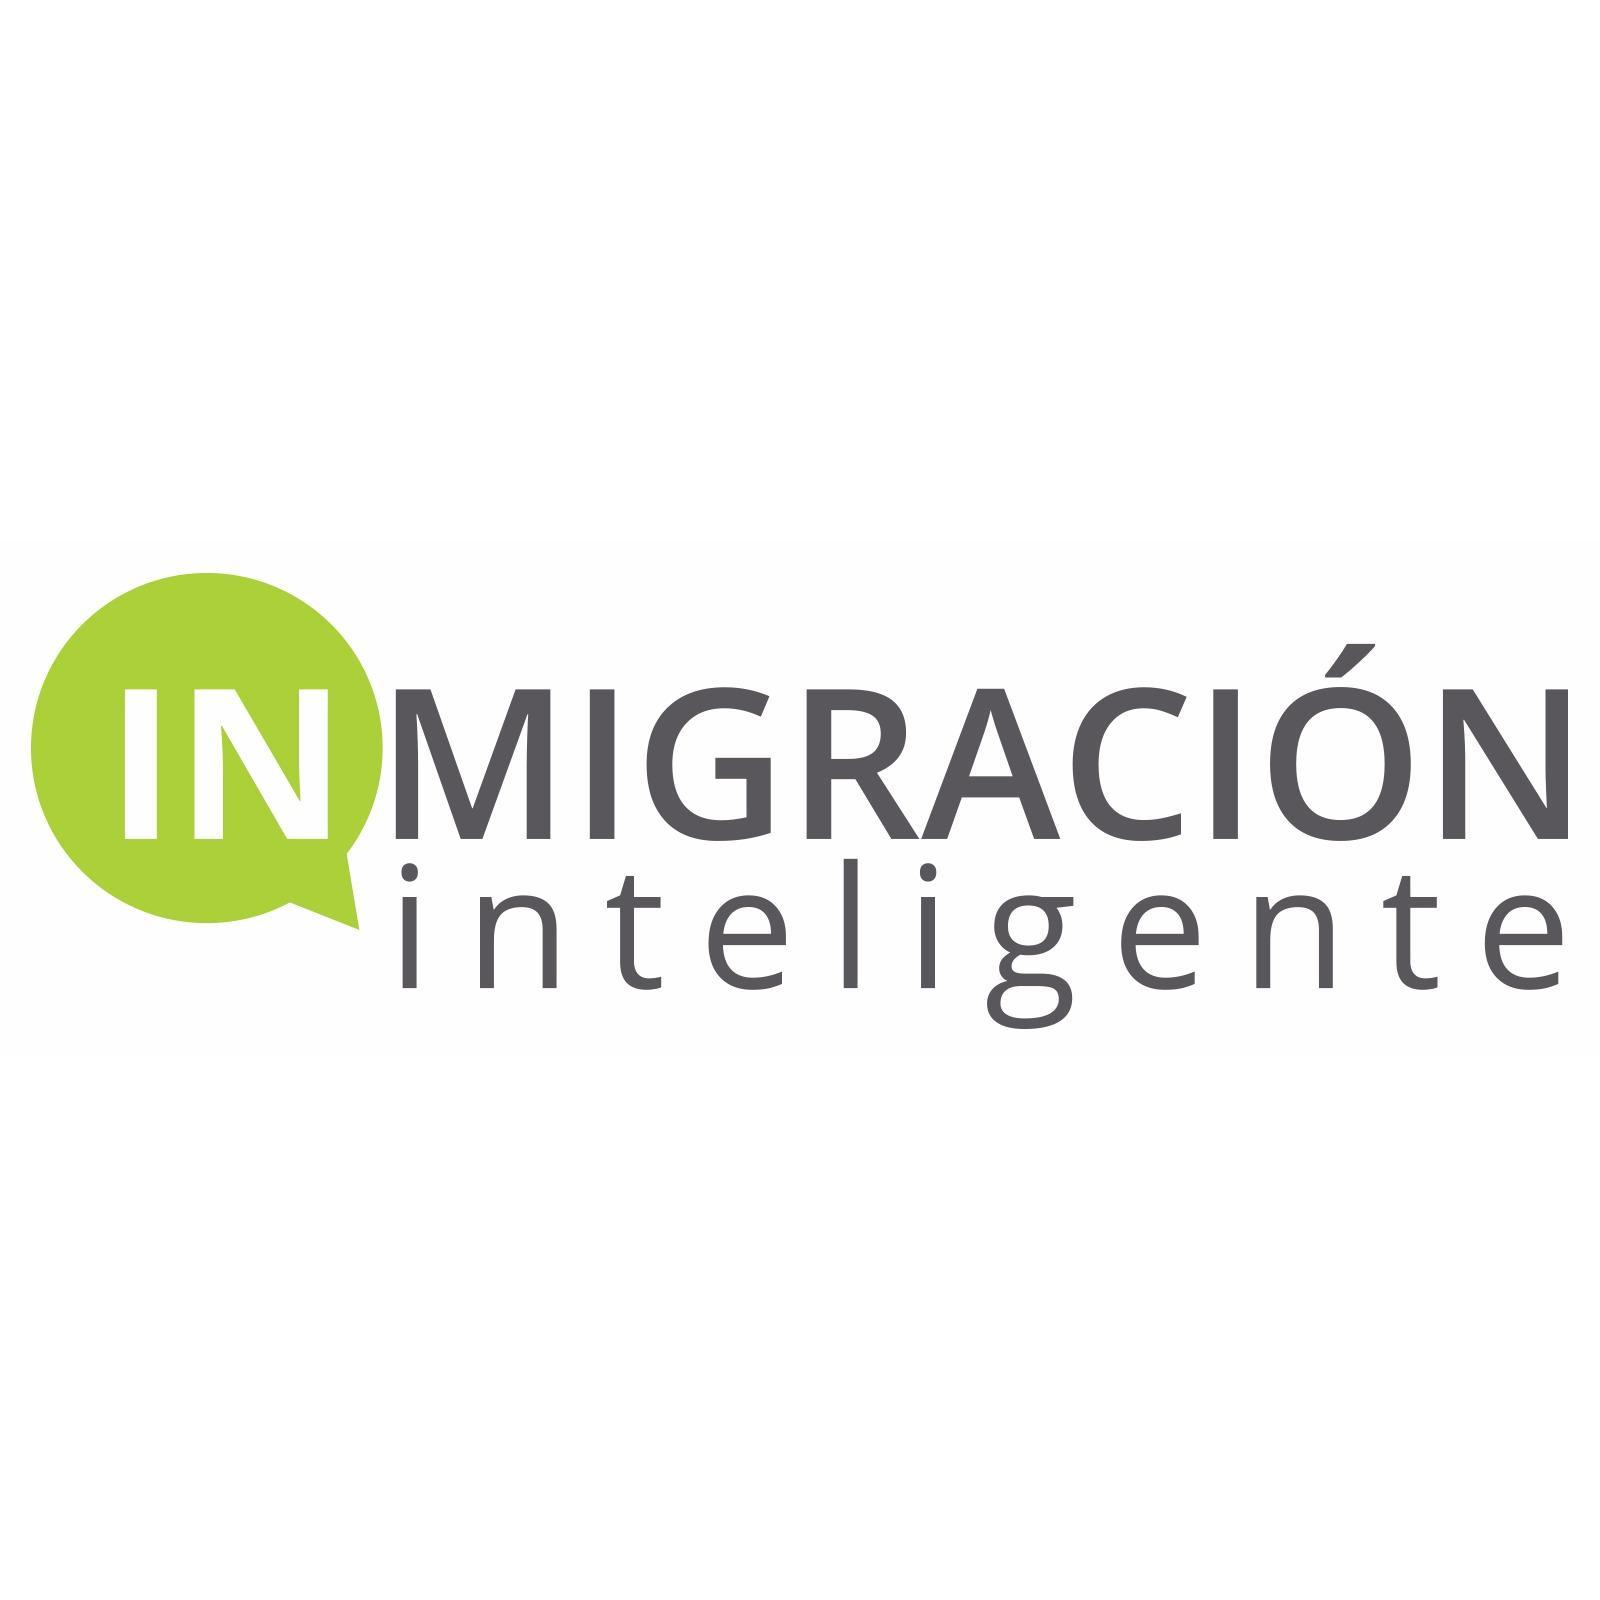 Inmigracion Inteligente